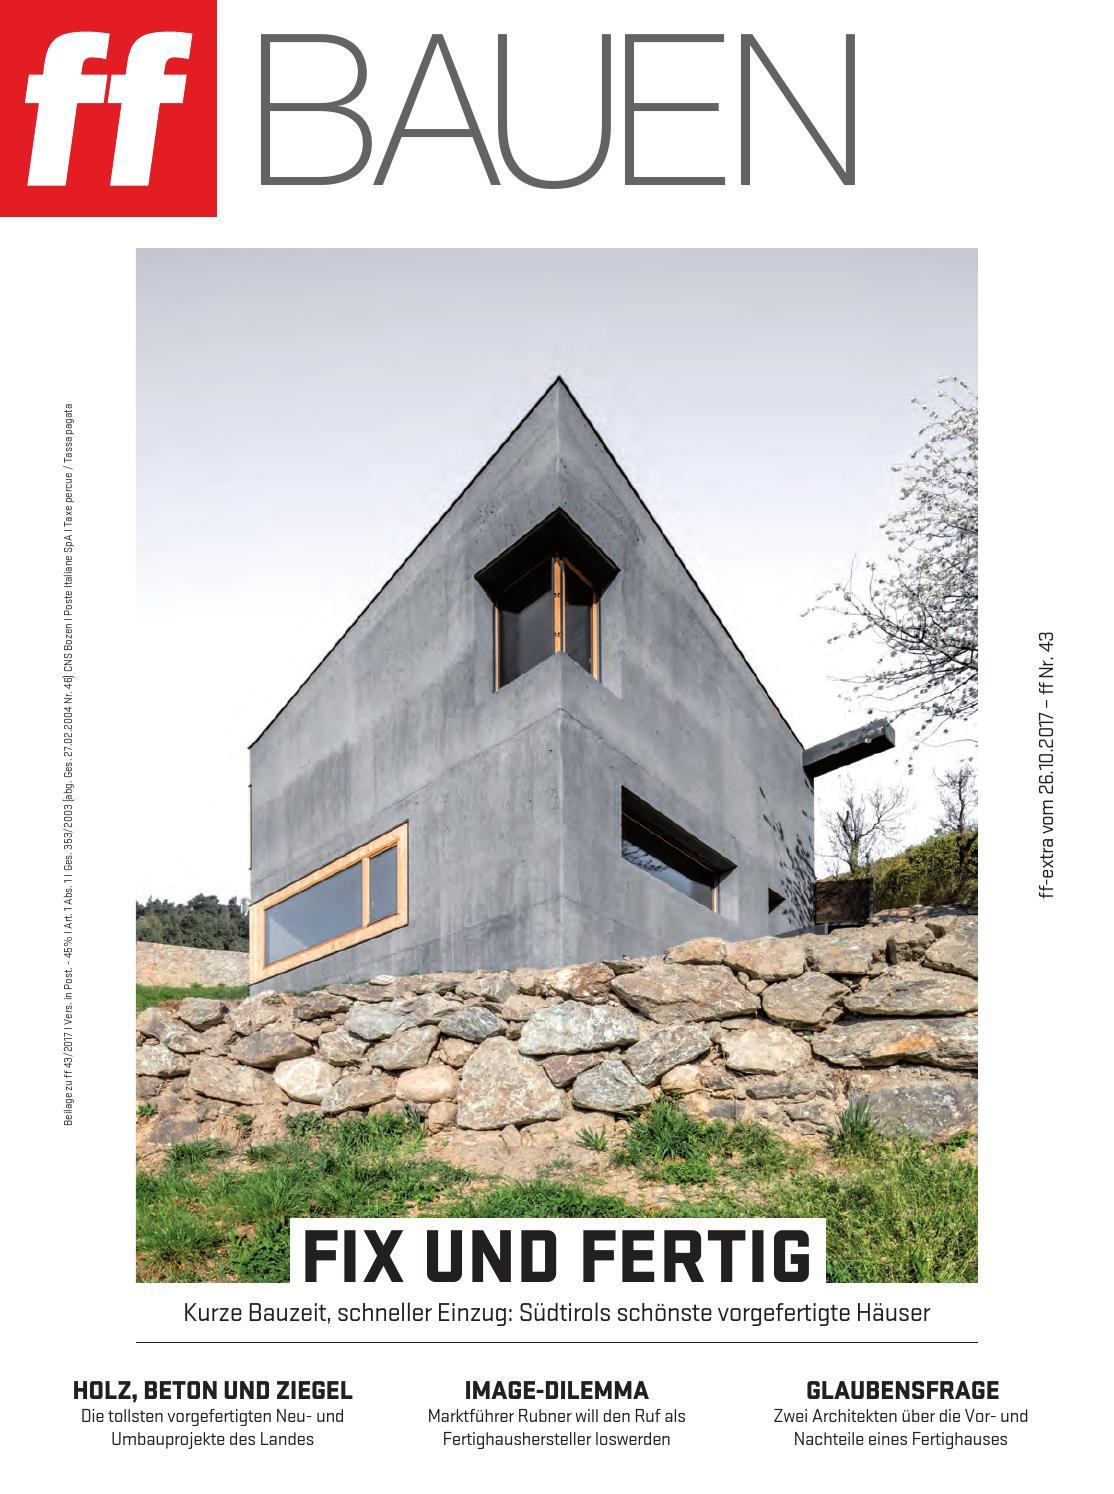 ff Extra Bauen 43-2017 by FF-Media GmbH - issuu